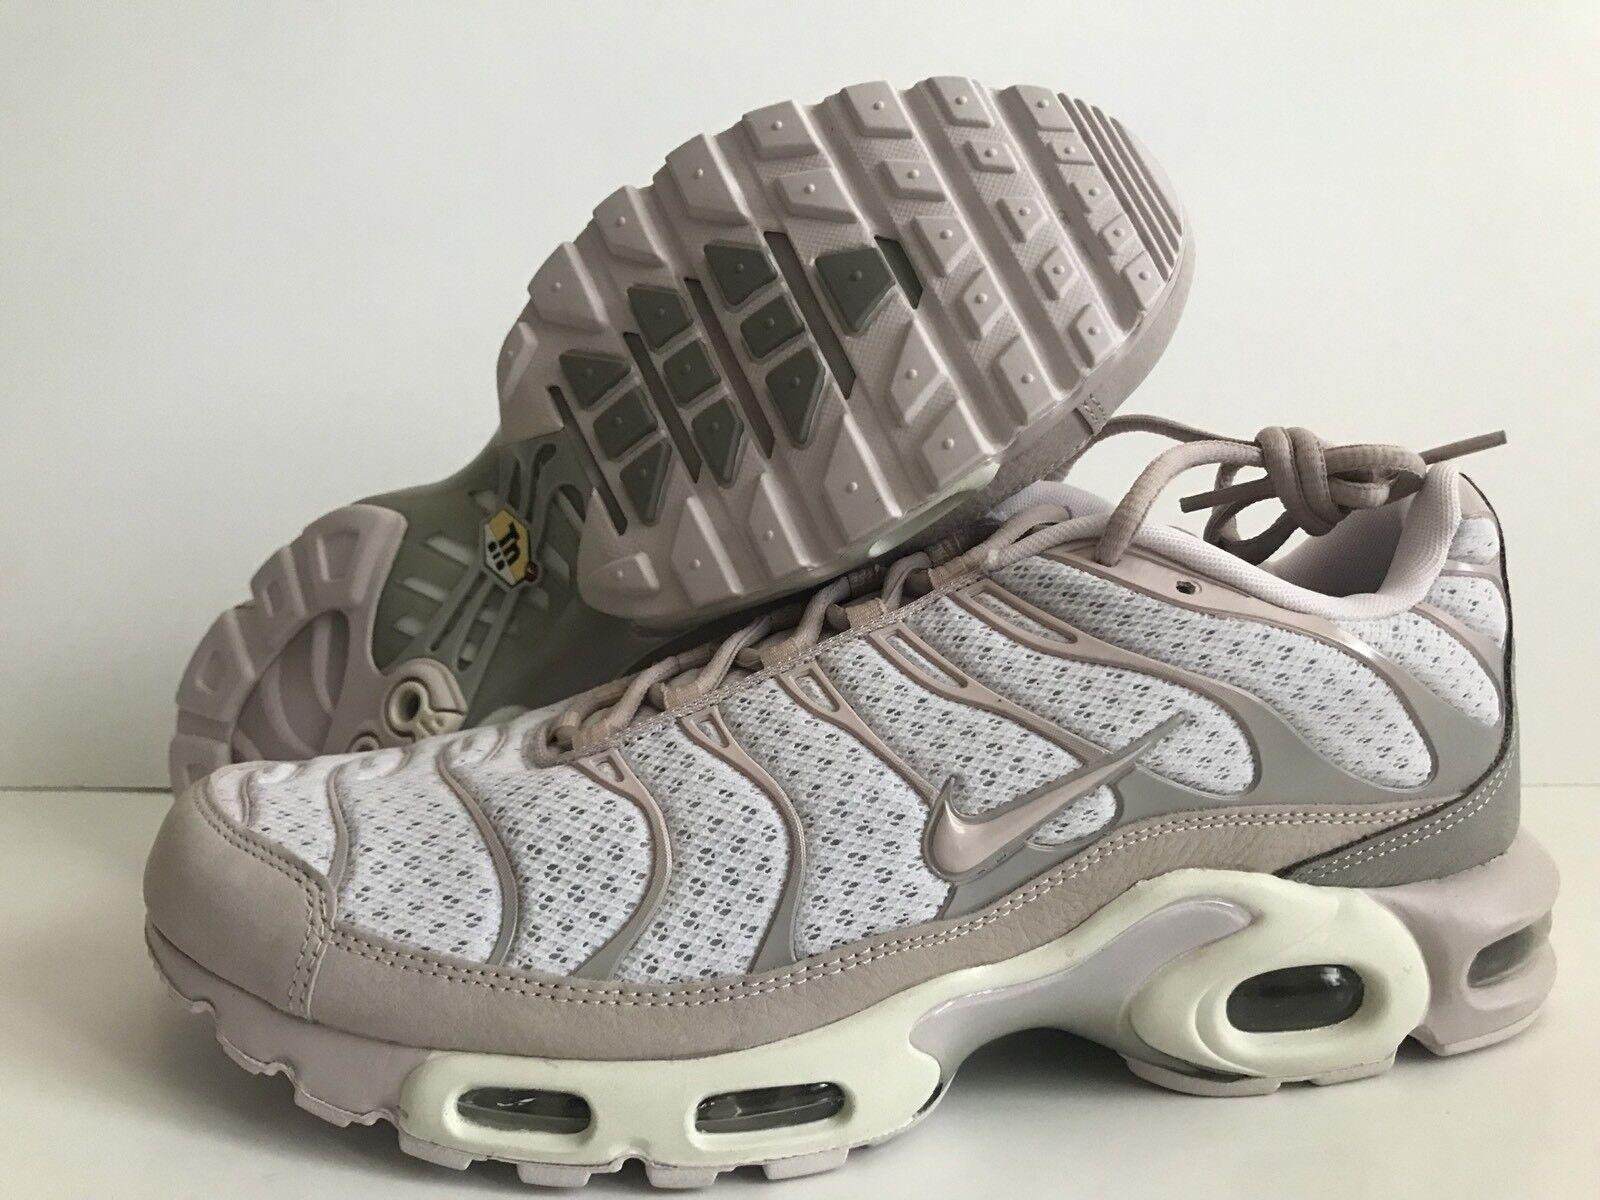 Nike air max taglia gli uomini di laboratorio perla rosa acciottolato scarpe 898018 600